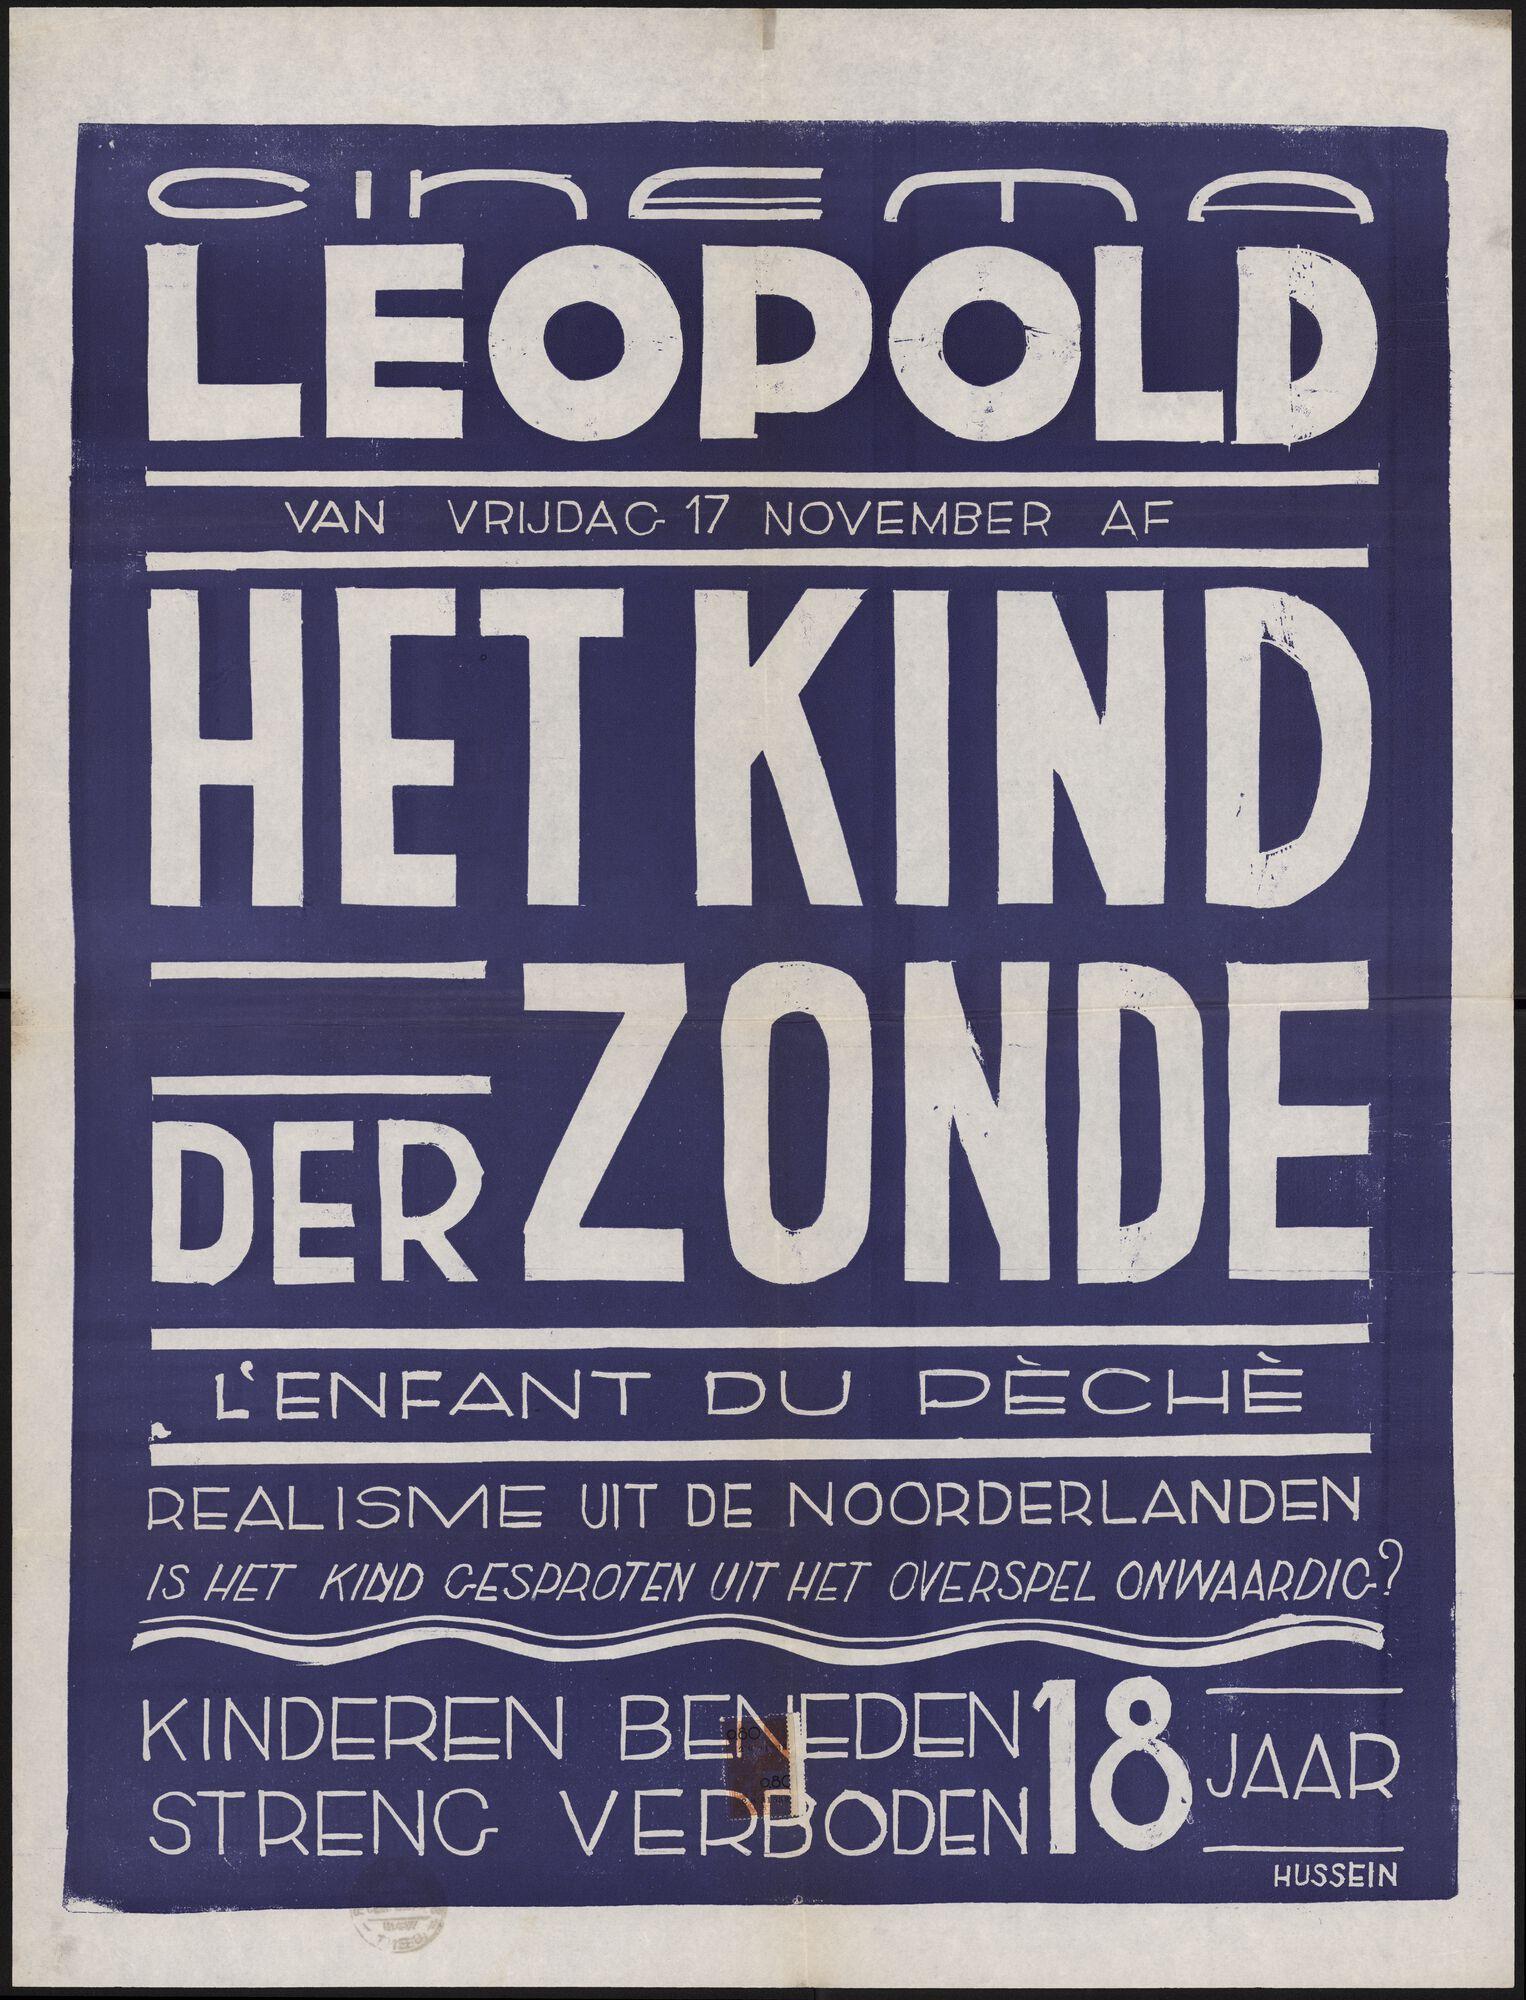 L'enfant du pèché | Het kind der zonde, Cinema Leopold, Gent, 17 november 1950